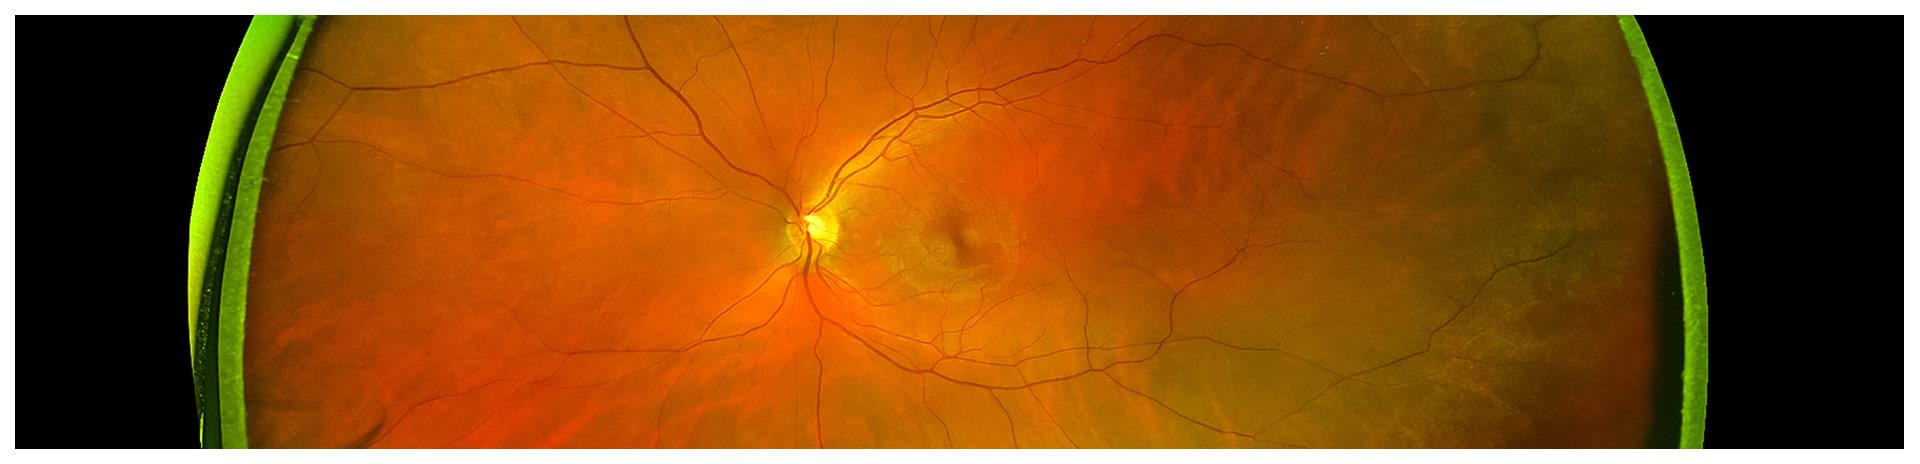 Retina_Eye-Exam